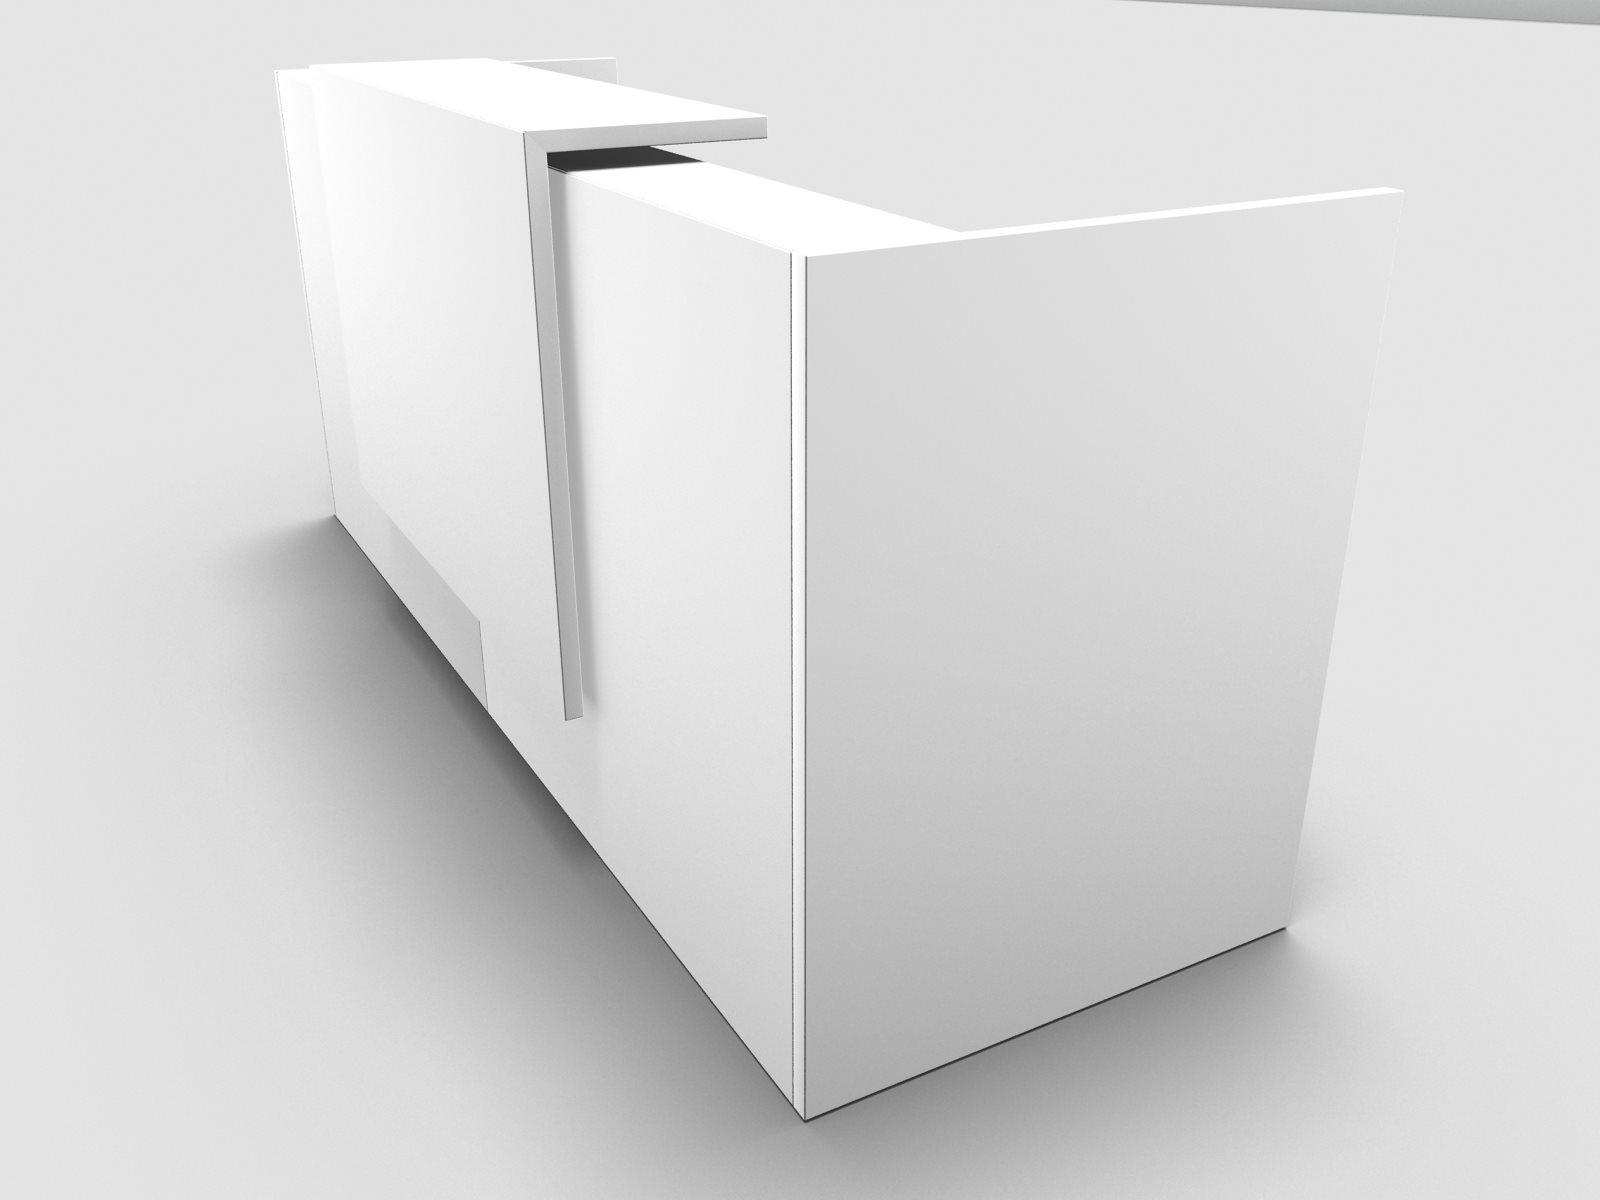 b rom bel preiswert und schnell quadrifoglio z2 empfangstheke c01 weiss 246cm blende weiss. Black Bedroom Furniture Sets. Home Design Ideas